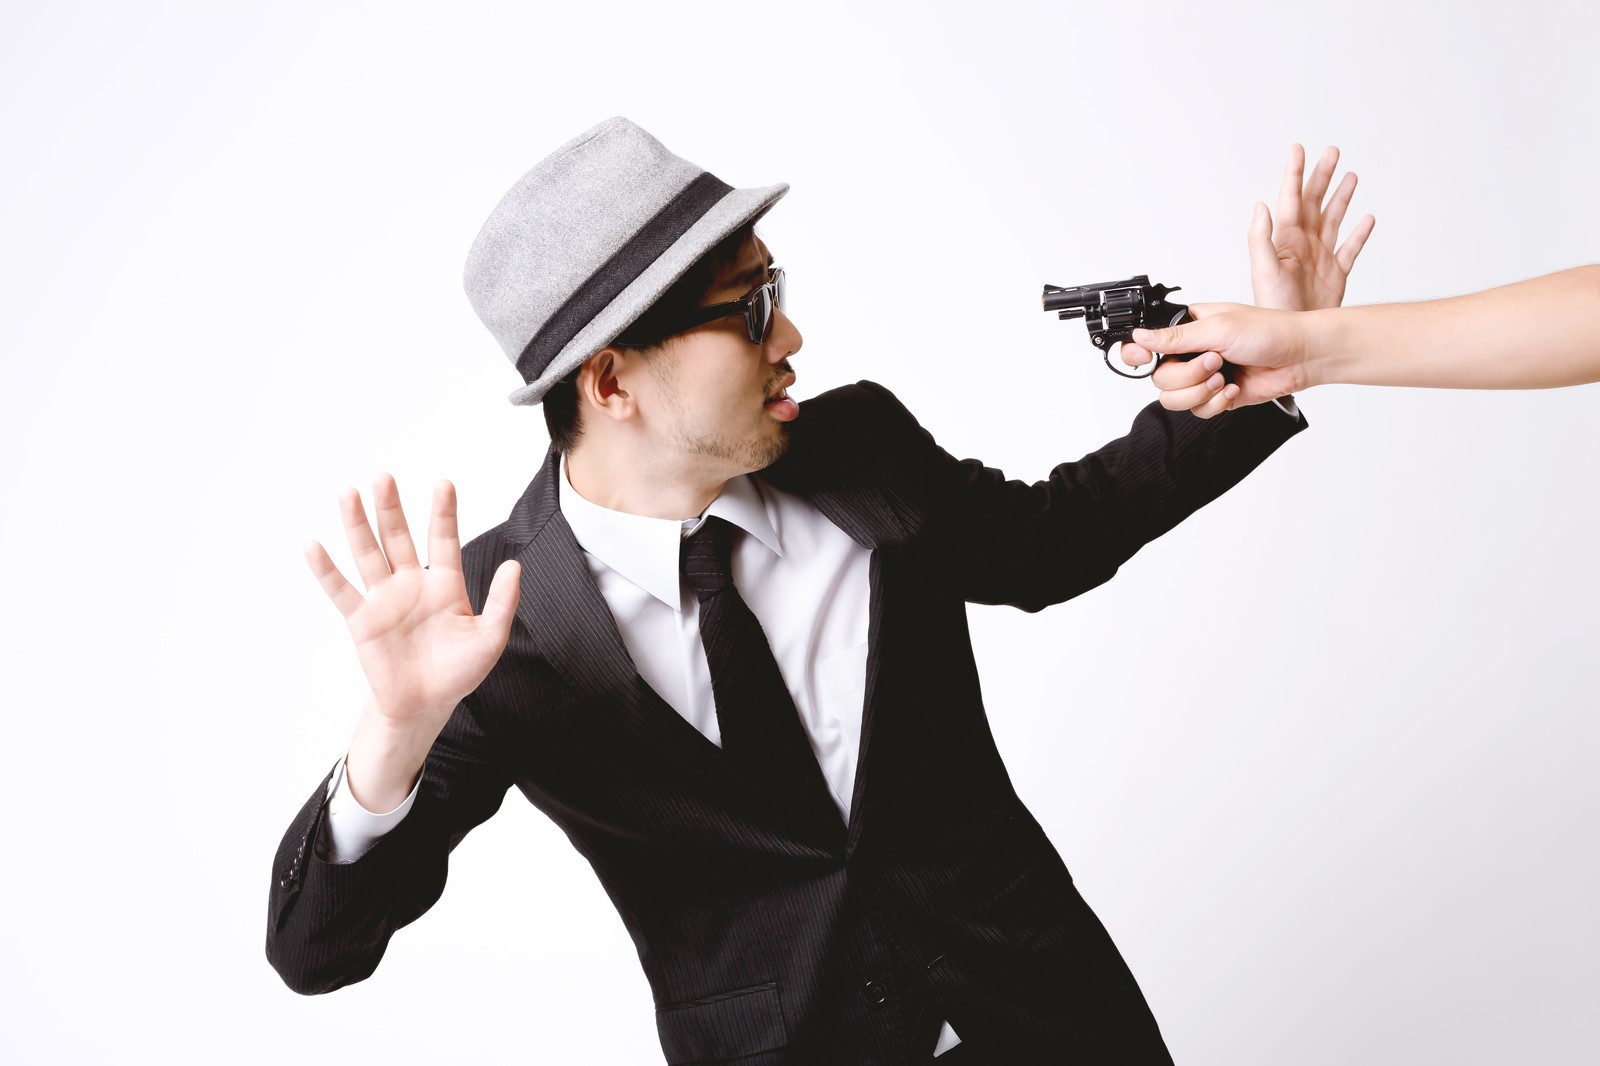 「拳銃を突きつけられ両腕をあげるエージェント」の写真[モデル:ひろゆき]